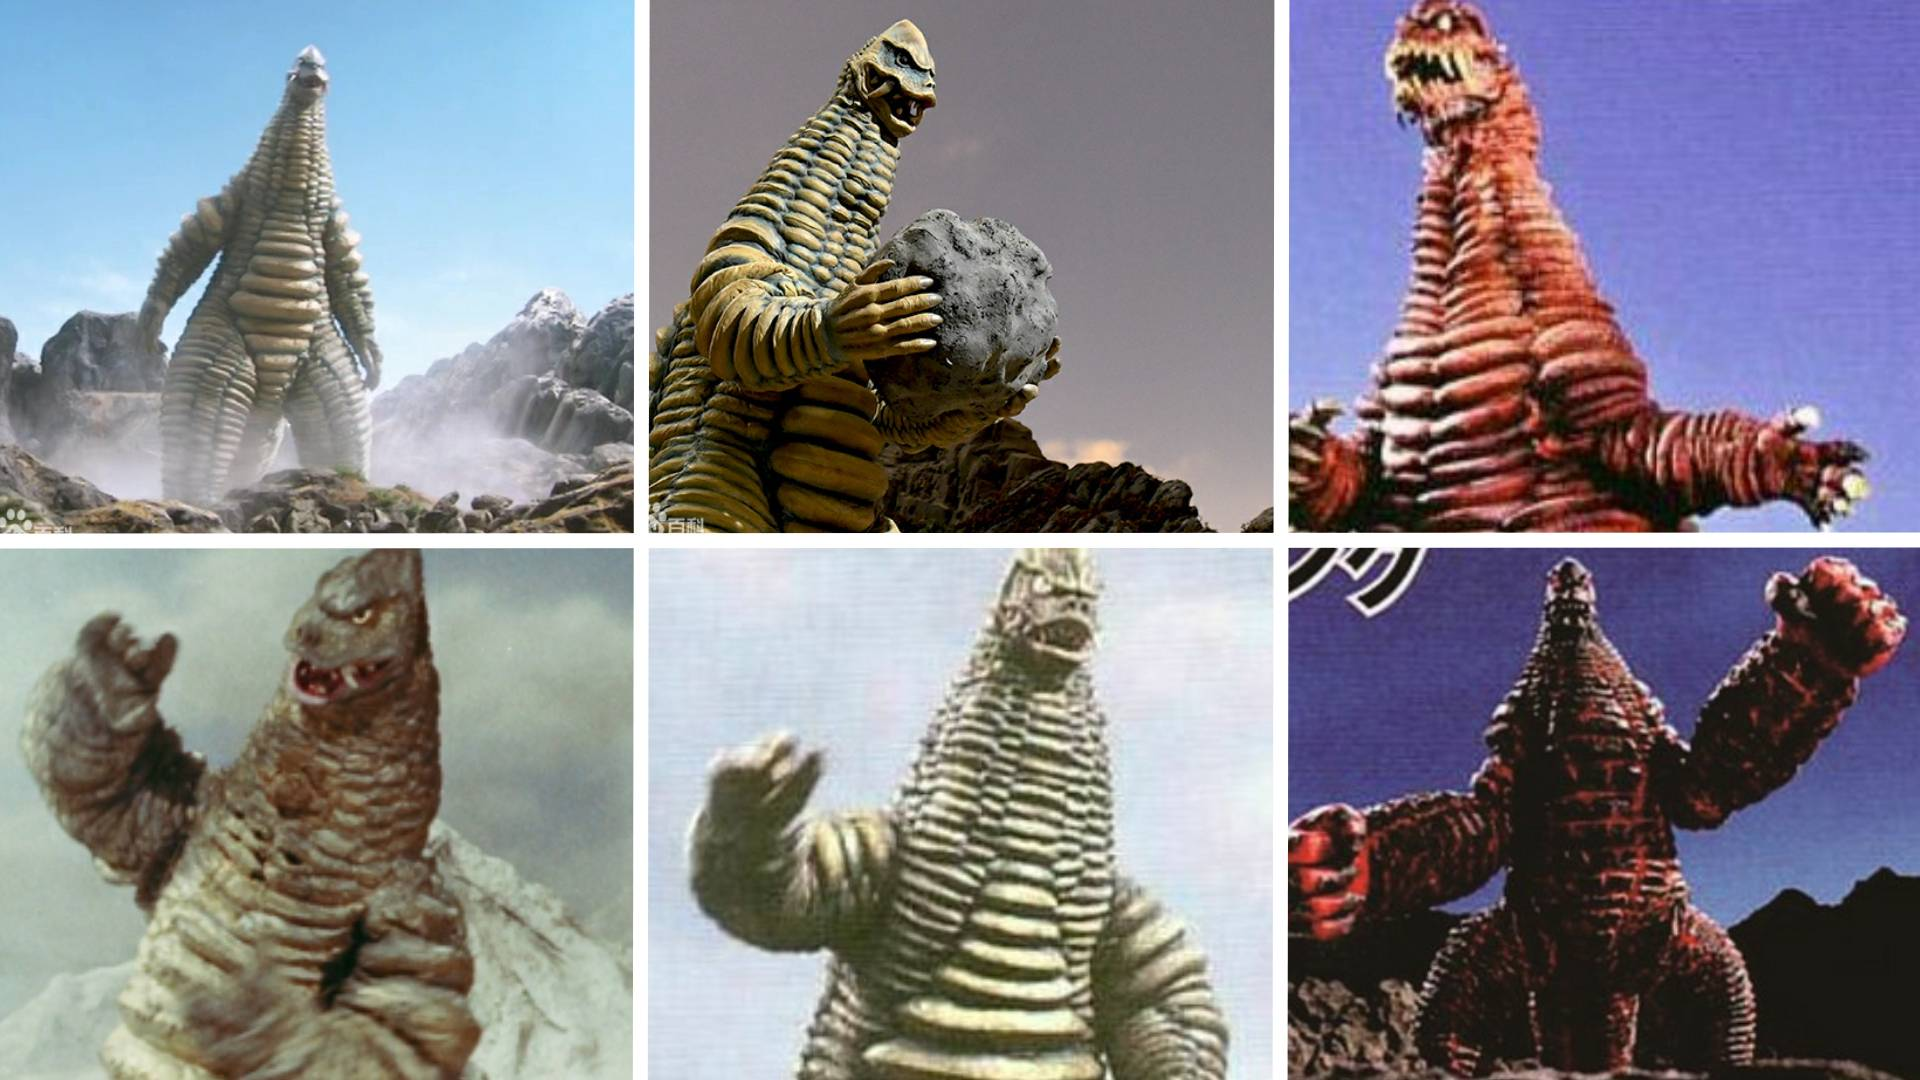 【16代】撕裂宇宙的强大手臂!骷髅怪兽雷德王进化史